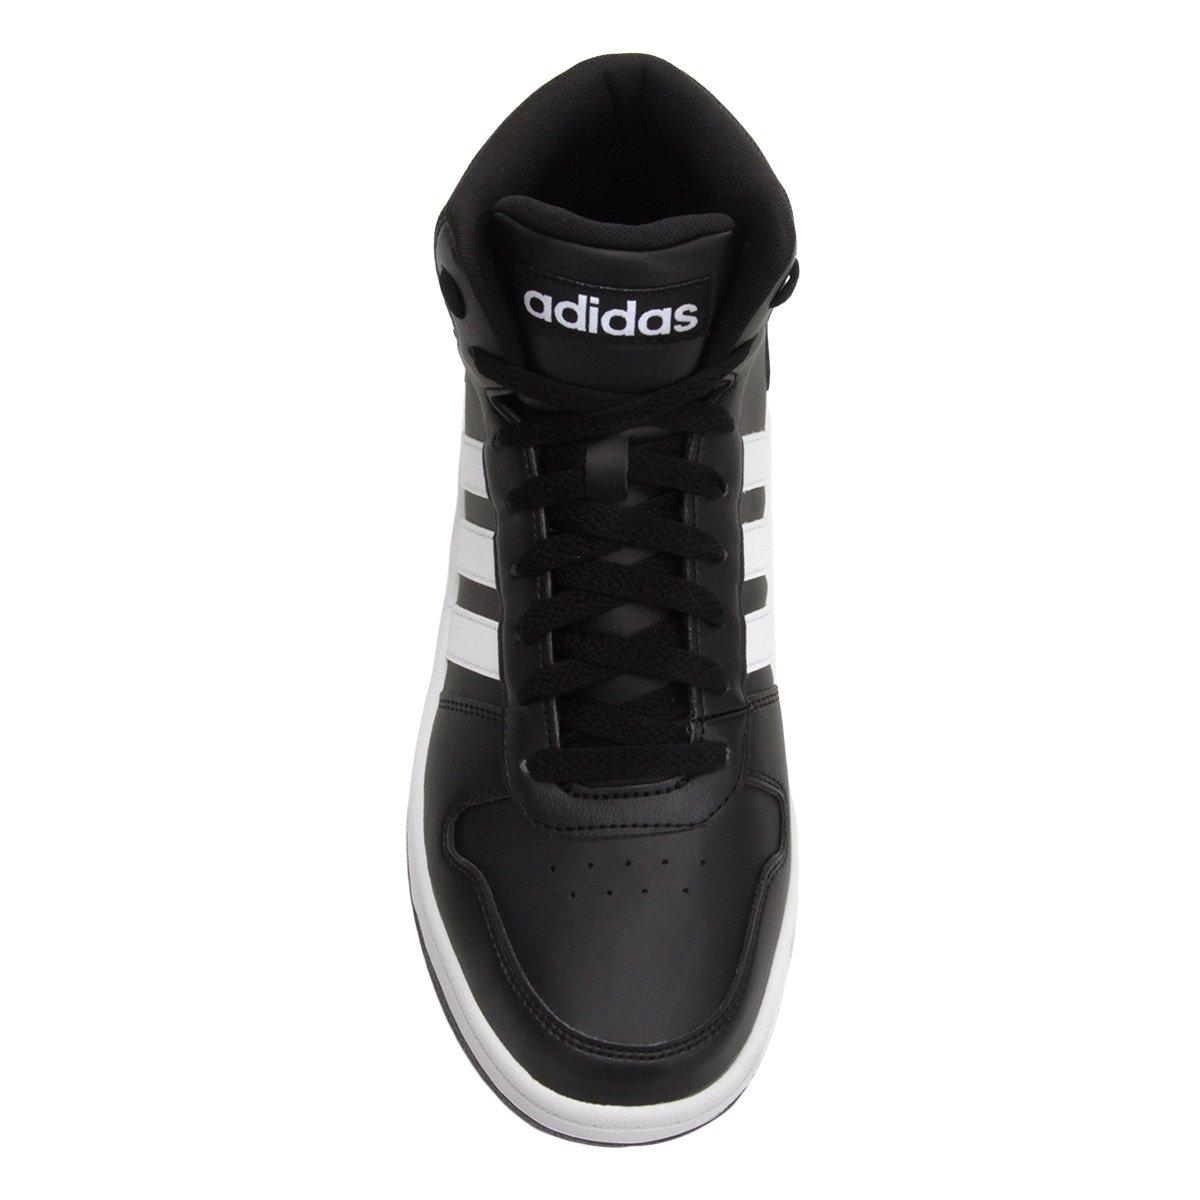 Tênis Adidas Hoops Cano Alto Masculino - Compre Agora  0a1033efb10f2